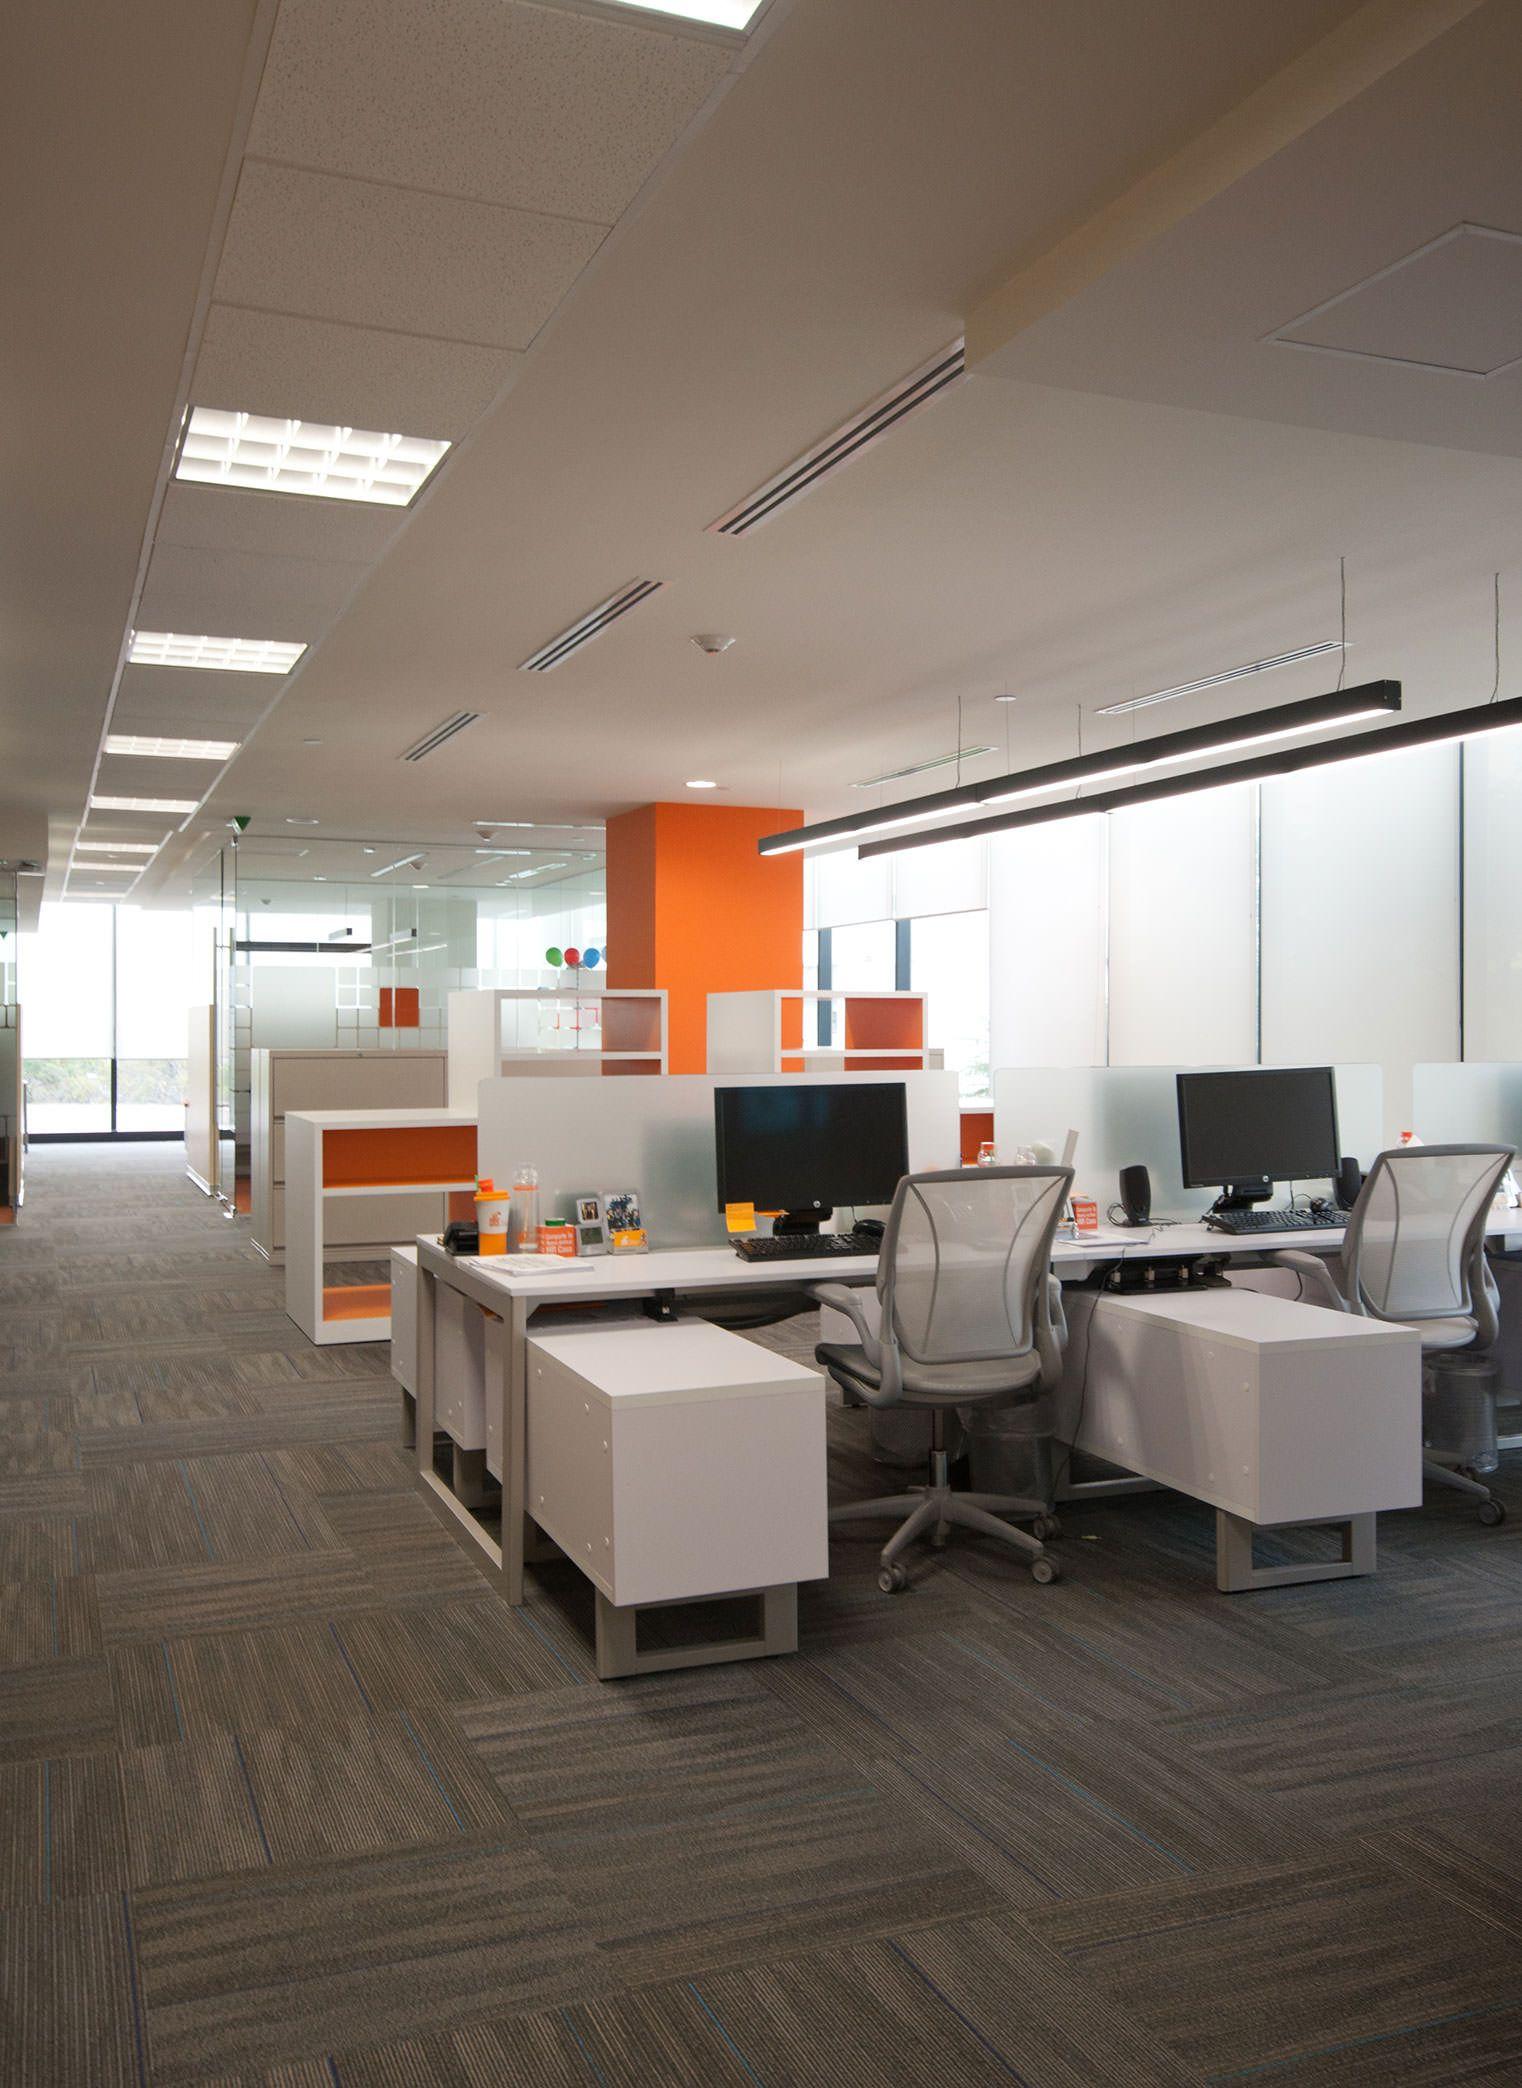 Hir casa dise o de interiores en oficinas interior for Mobiliario de oficina